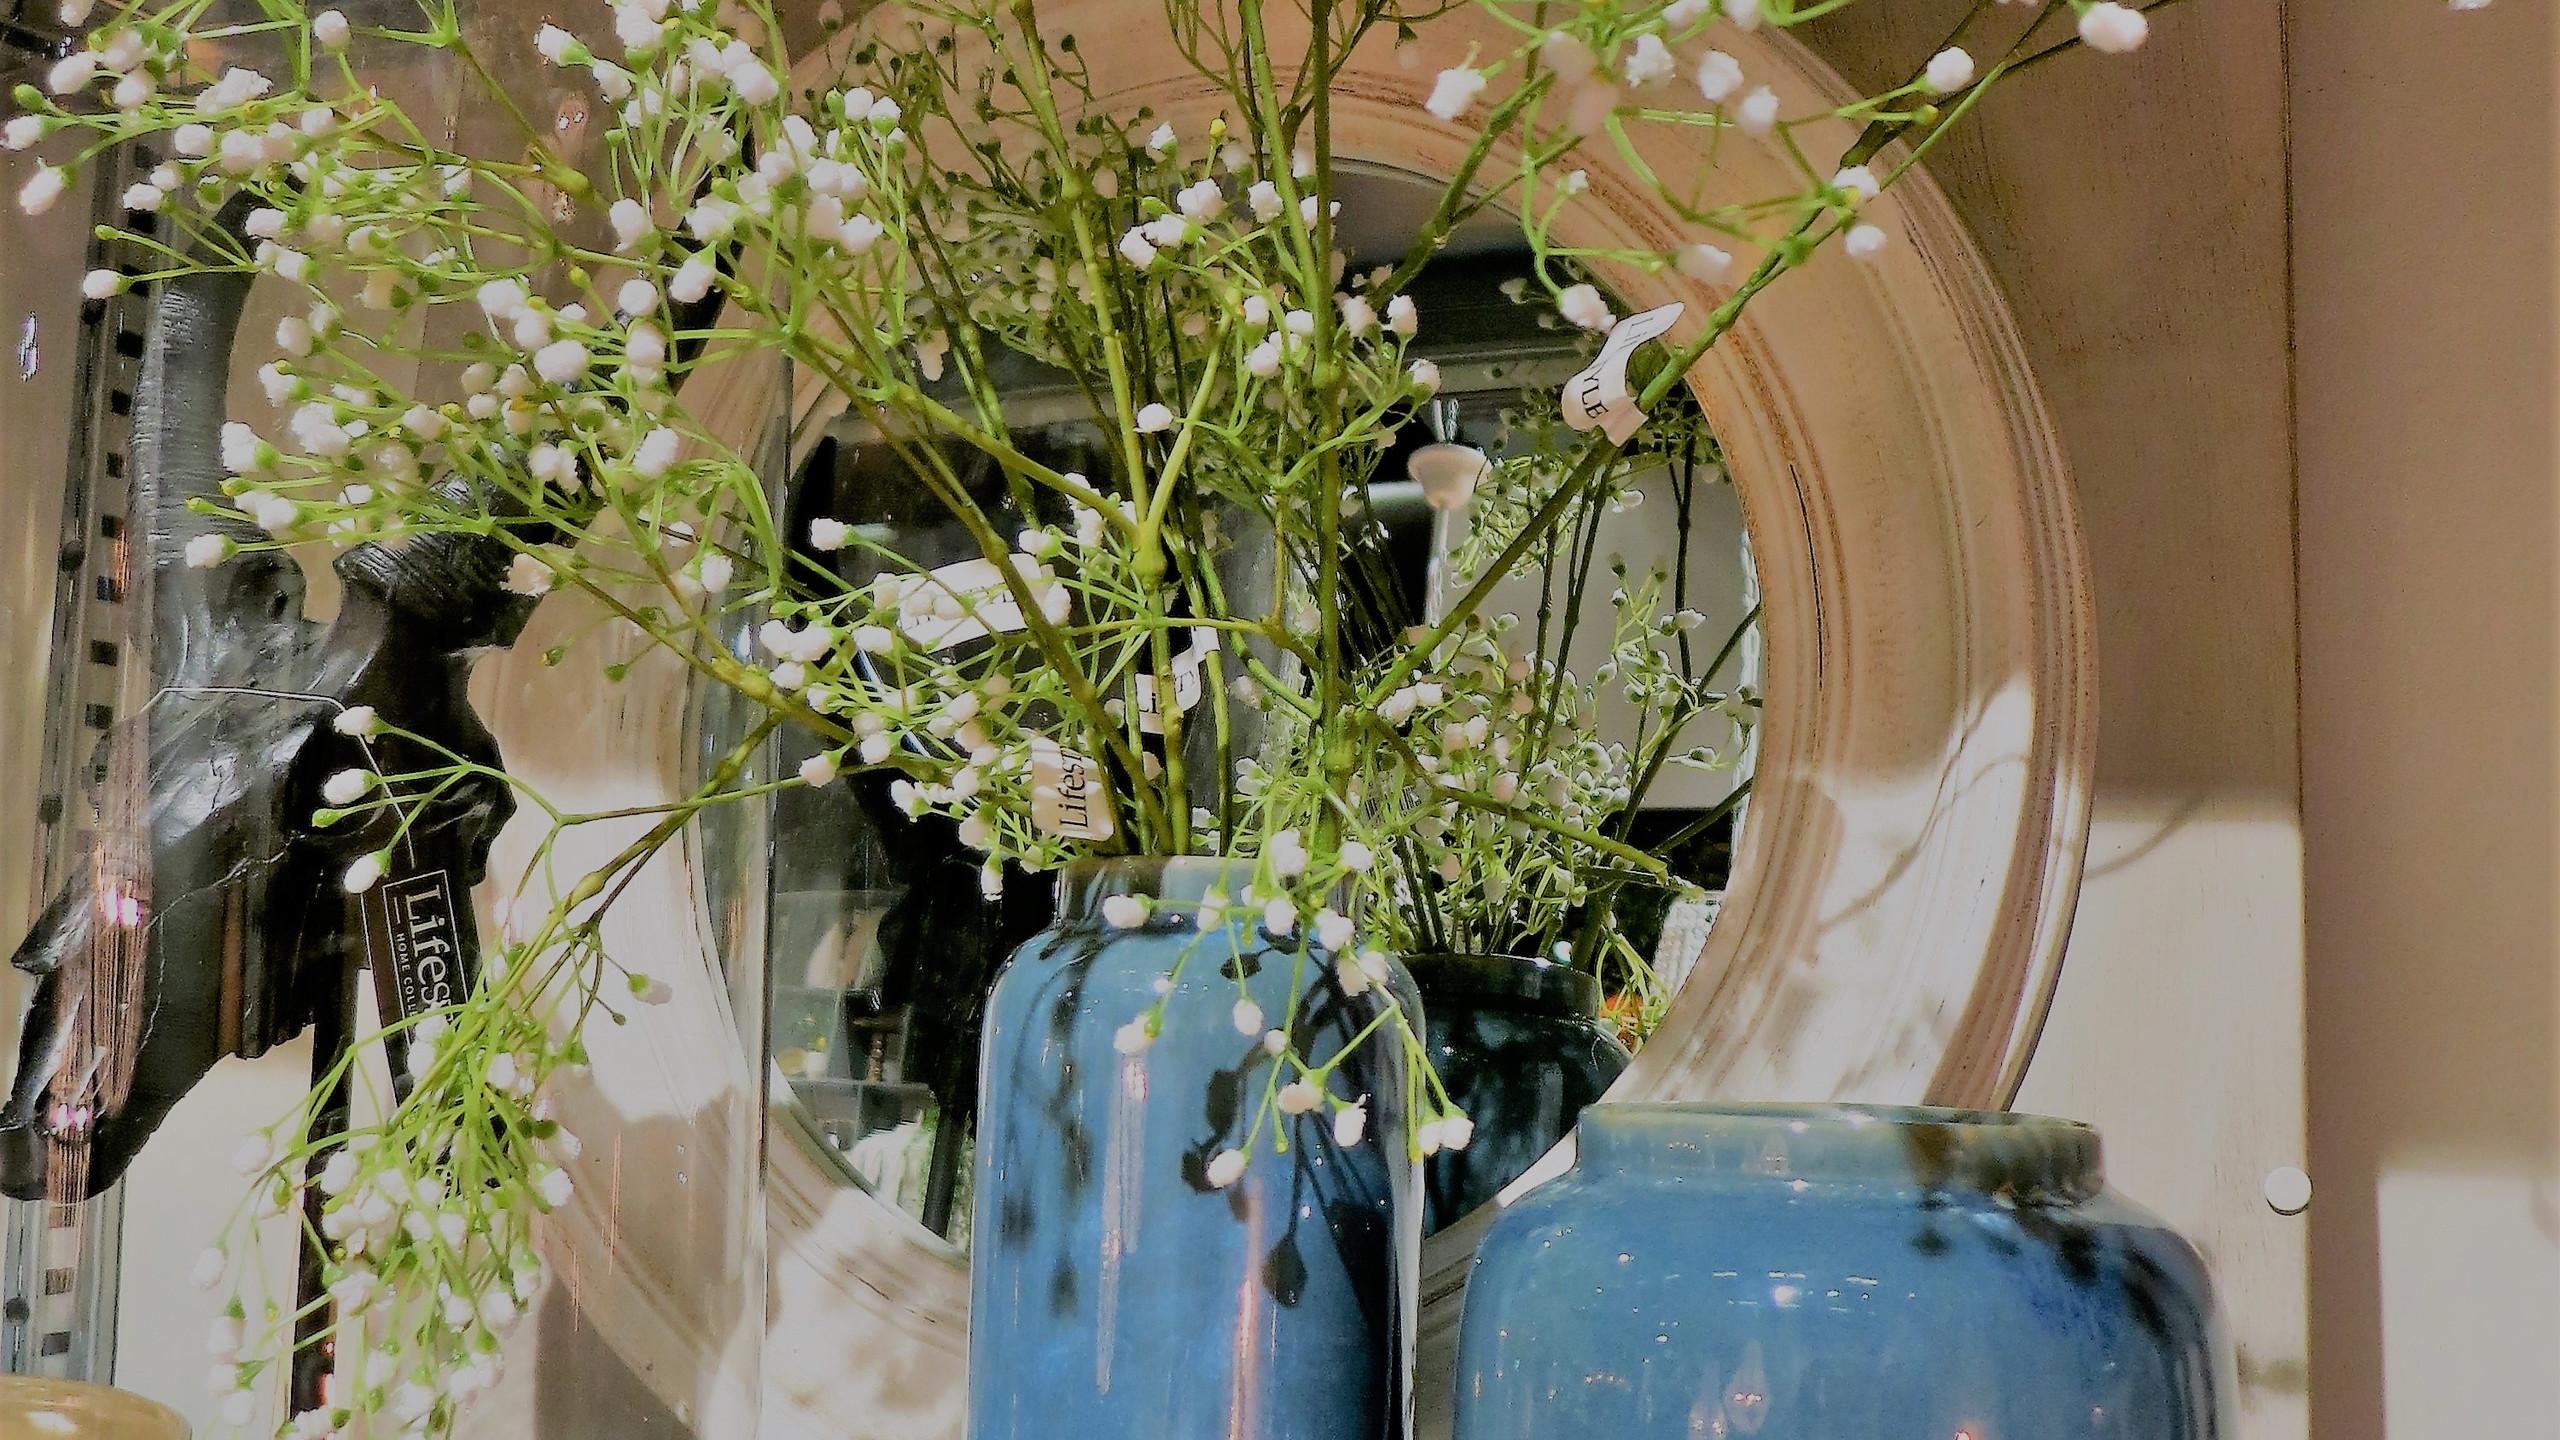 Maison & Objet Paris  Natürliche Materialien kombiniert mit strahlenden Farben.